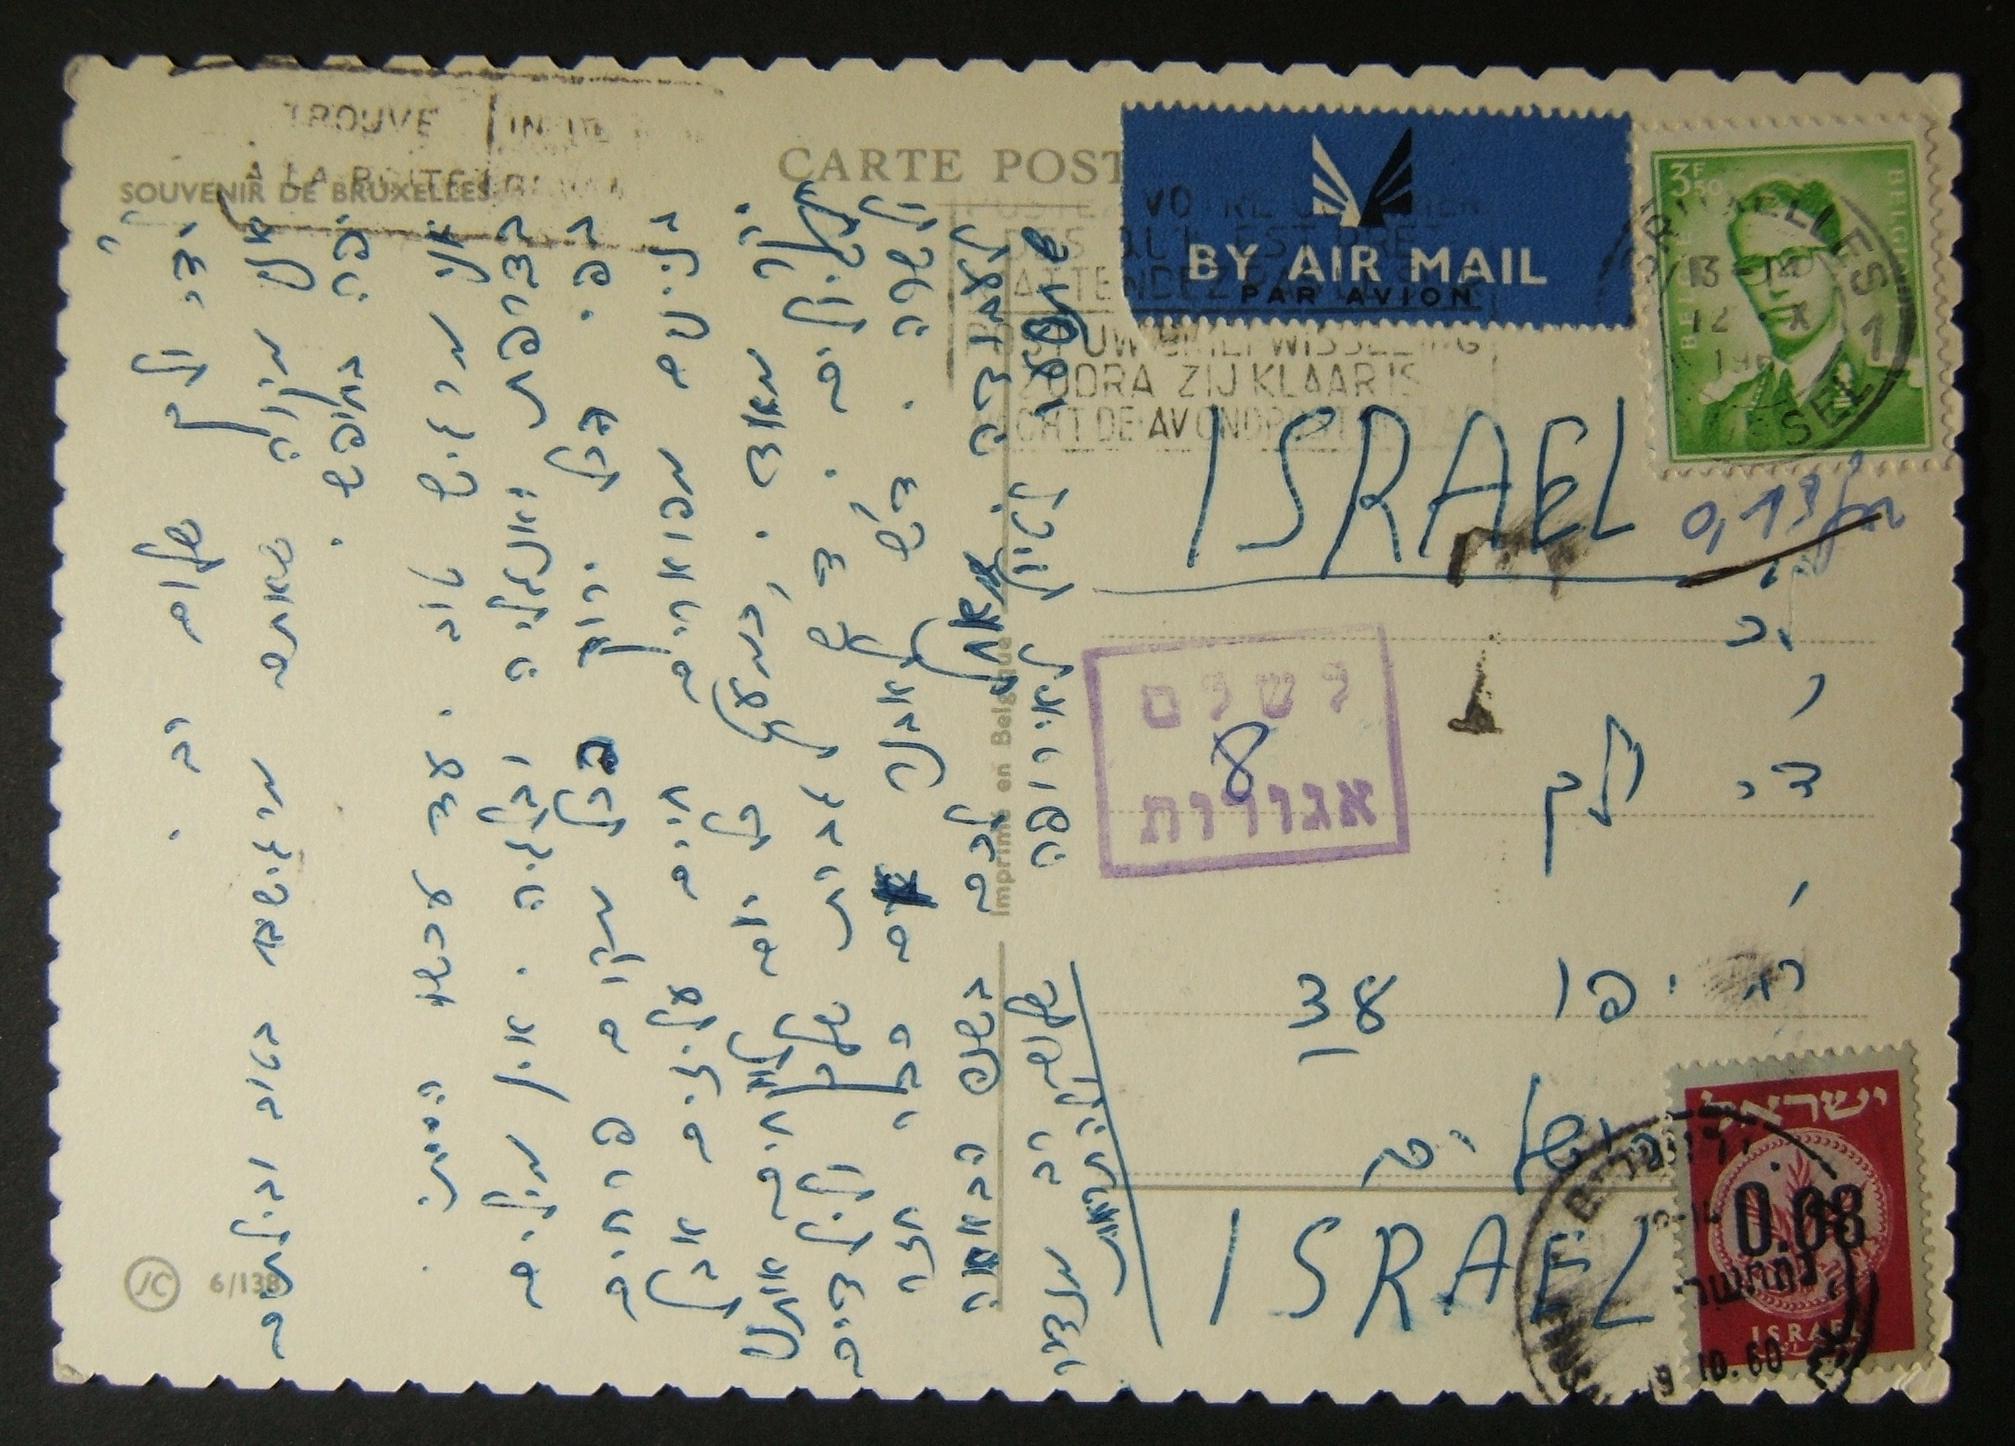 """1960 البريد الوارد البلجيكي الوارد: 12 X 1960 بالبريد الجوي بروكسل بروكسل بروكسيل سابقا إلى القدس underfranked في 3.50Fr وأودعت في وقت متأخر (ملحوظ """"Cachhet"""" ثنائي اللغة """"في الحافلة"""") ، والضرائب"""